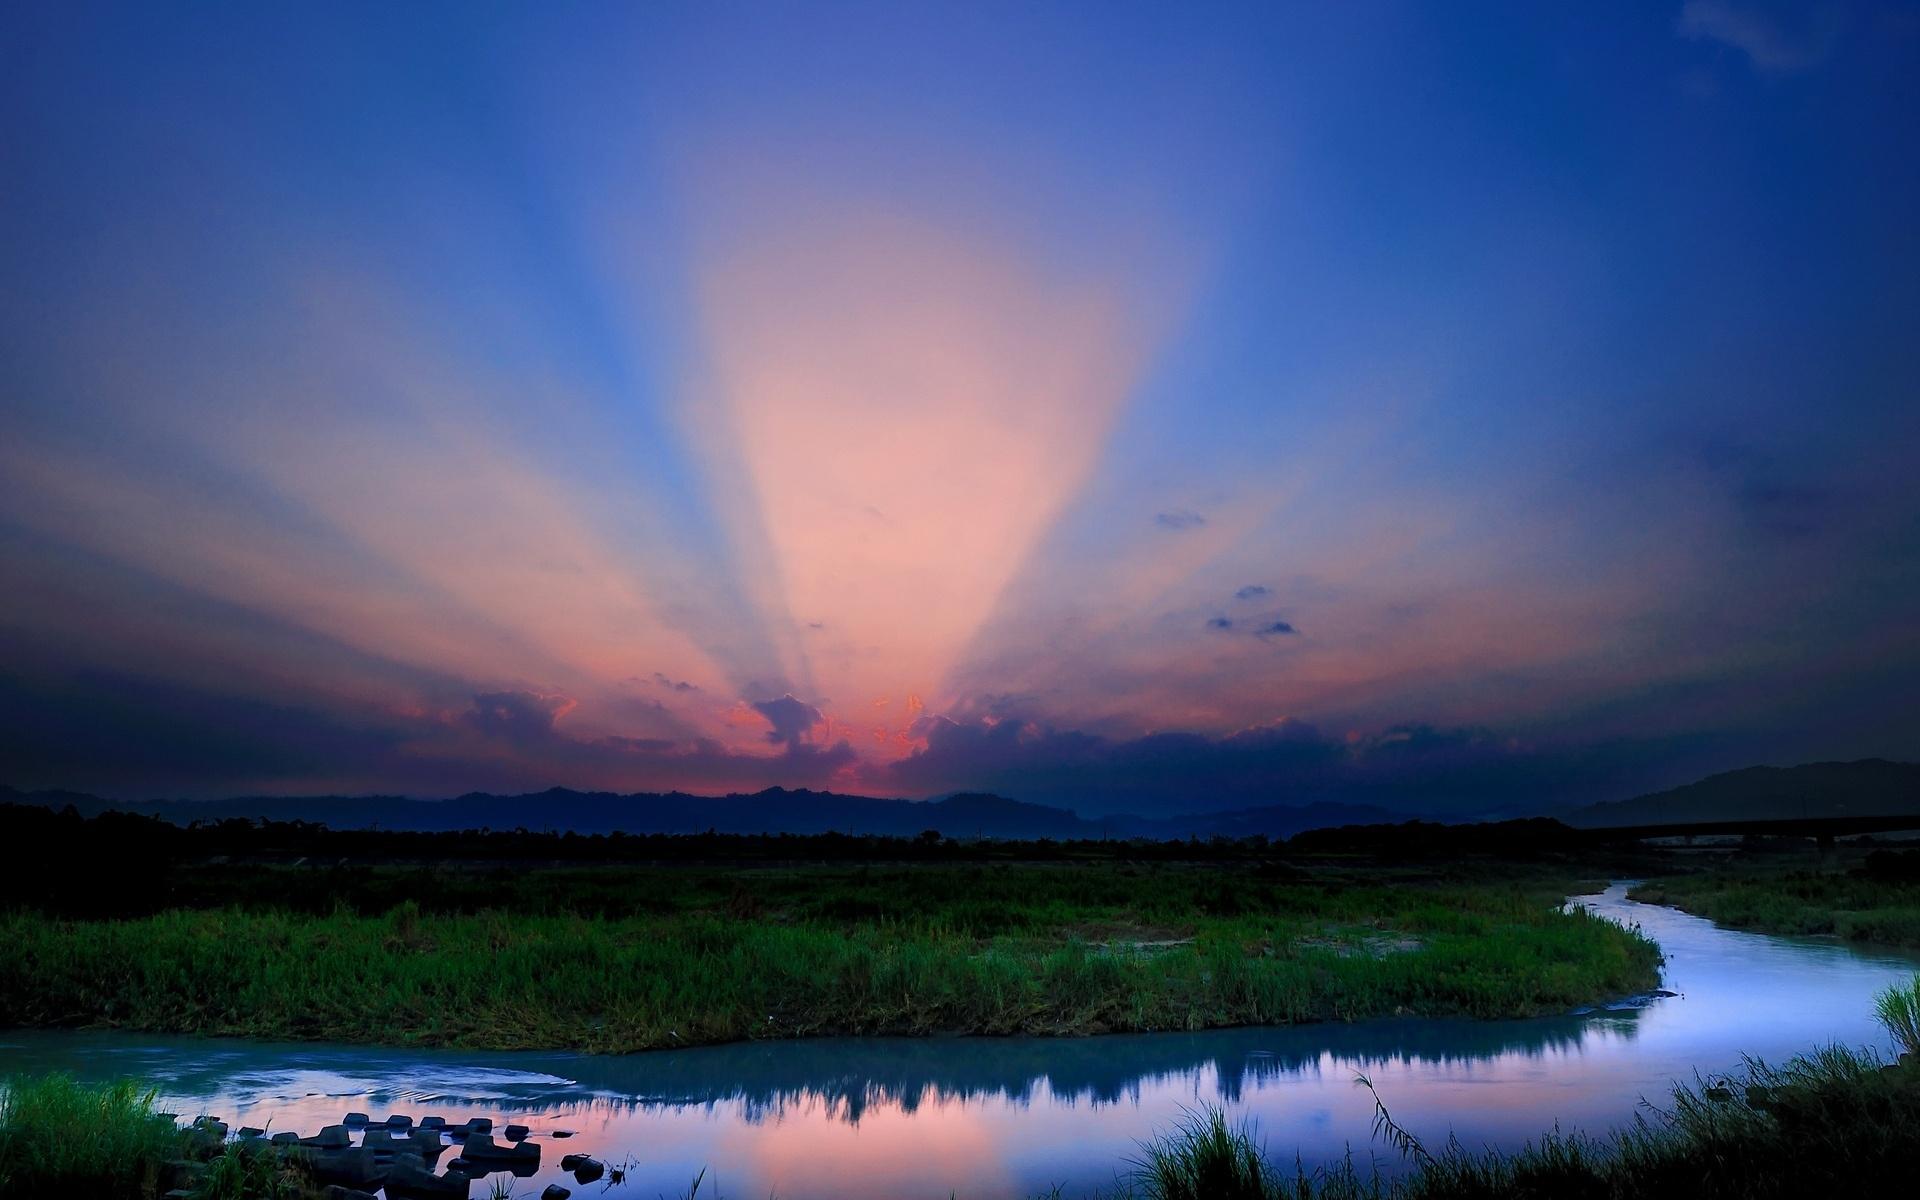 облака лучи горы вода скачать